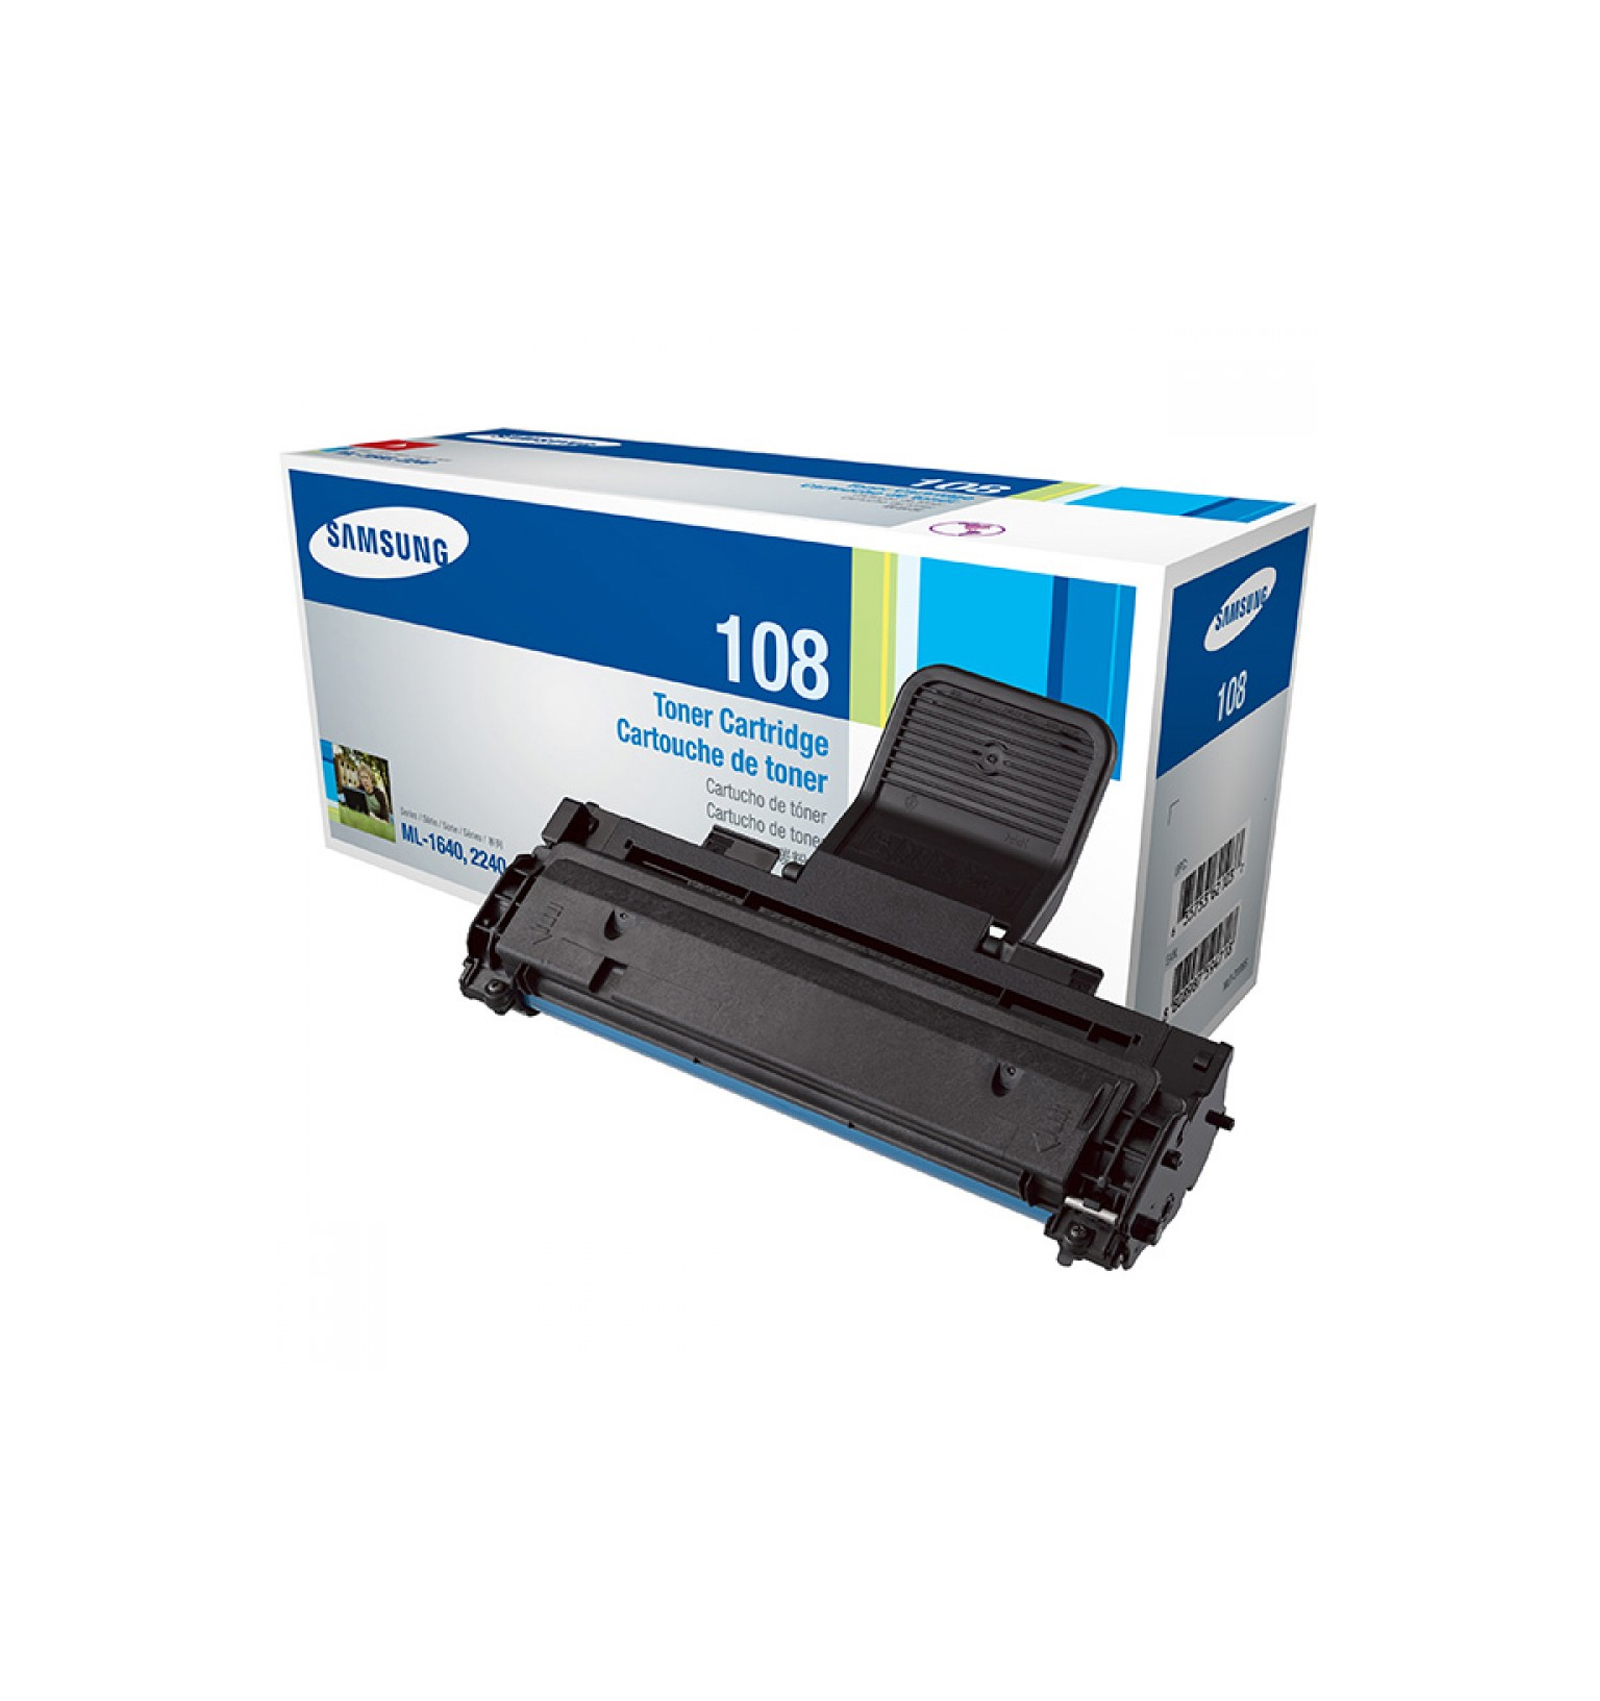 Заправка картриджей Samsung MLT-D108S для ML-1641/2240/2241/1640/1645